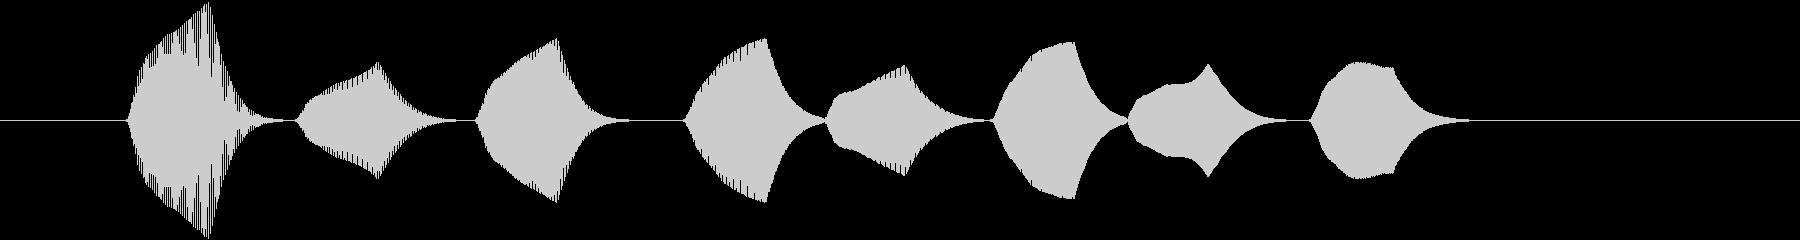 ピロリロ①(場面転換・テロップ・上昇音)の未再生の波形